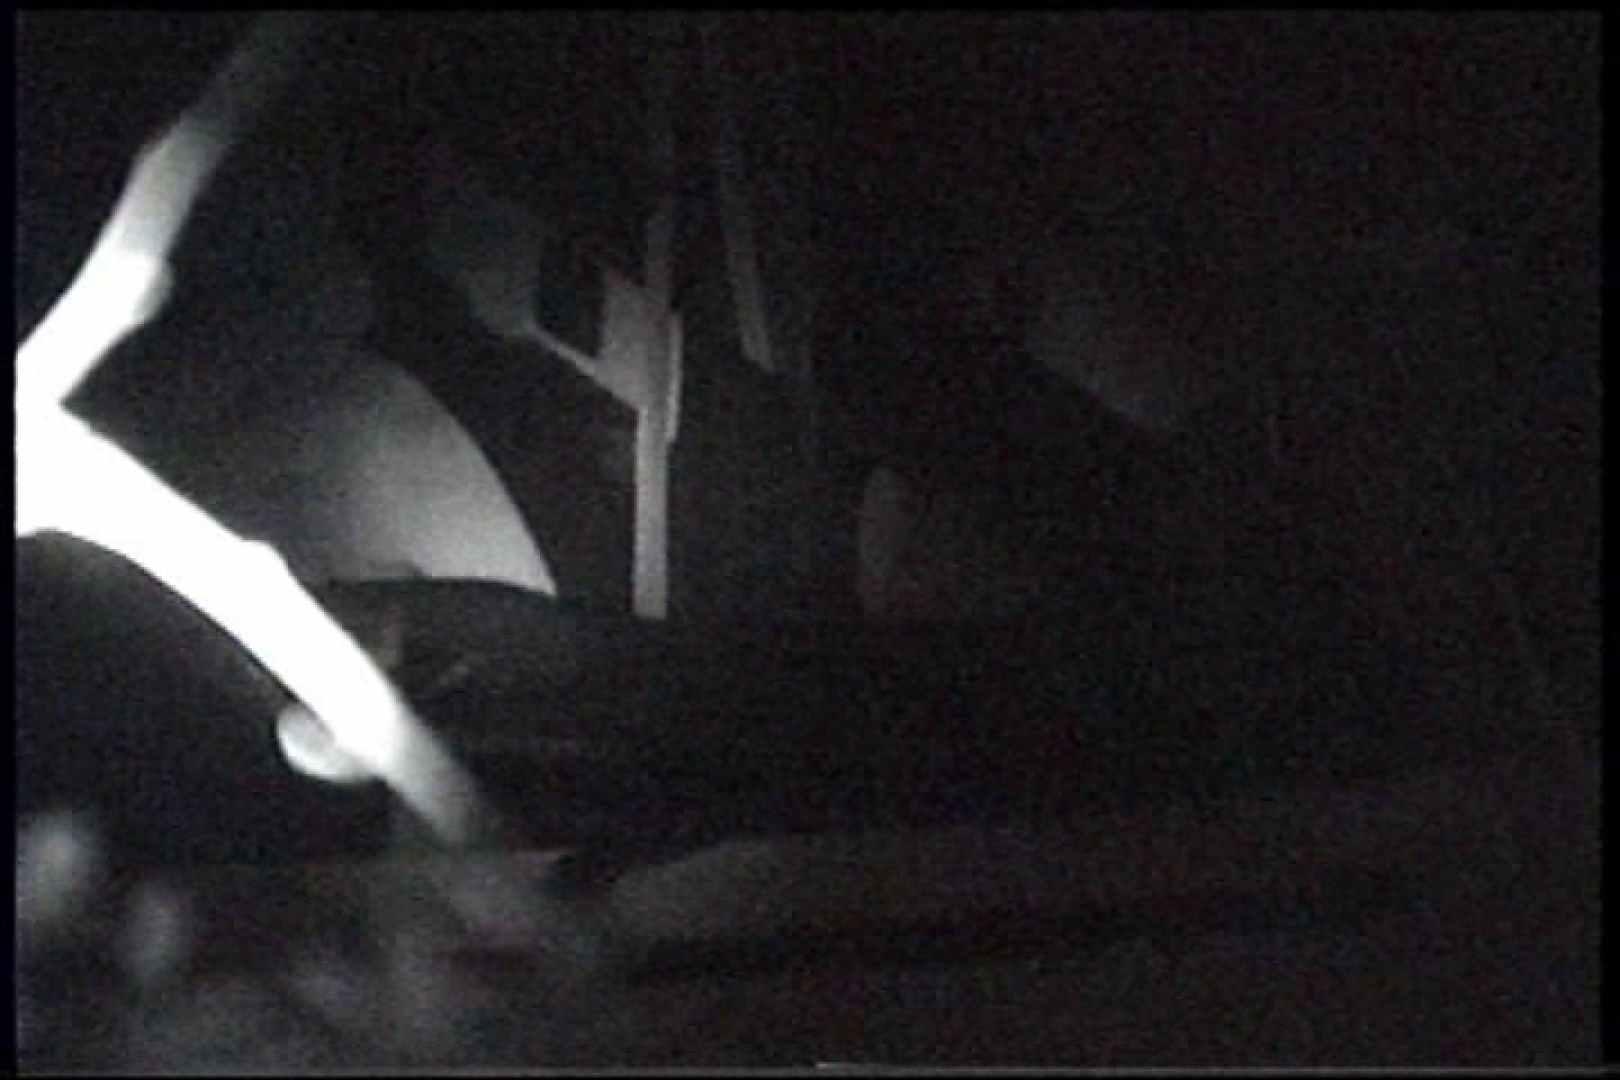 充血監督の深夜の運動会Vol.238 OLの実態   プライベート  90pic 43